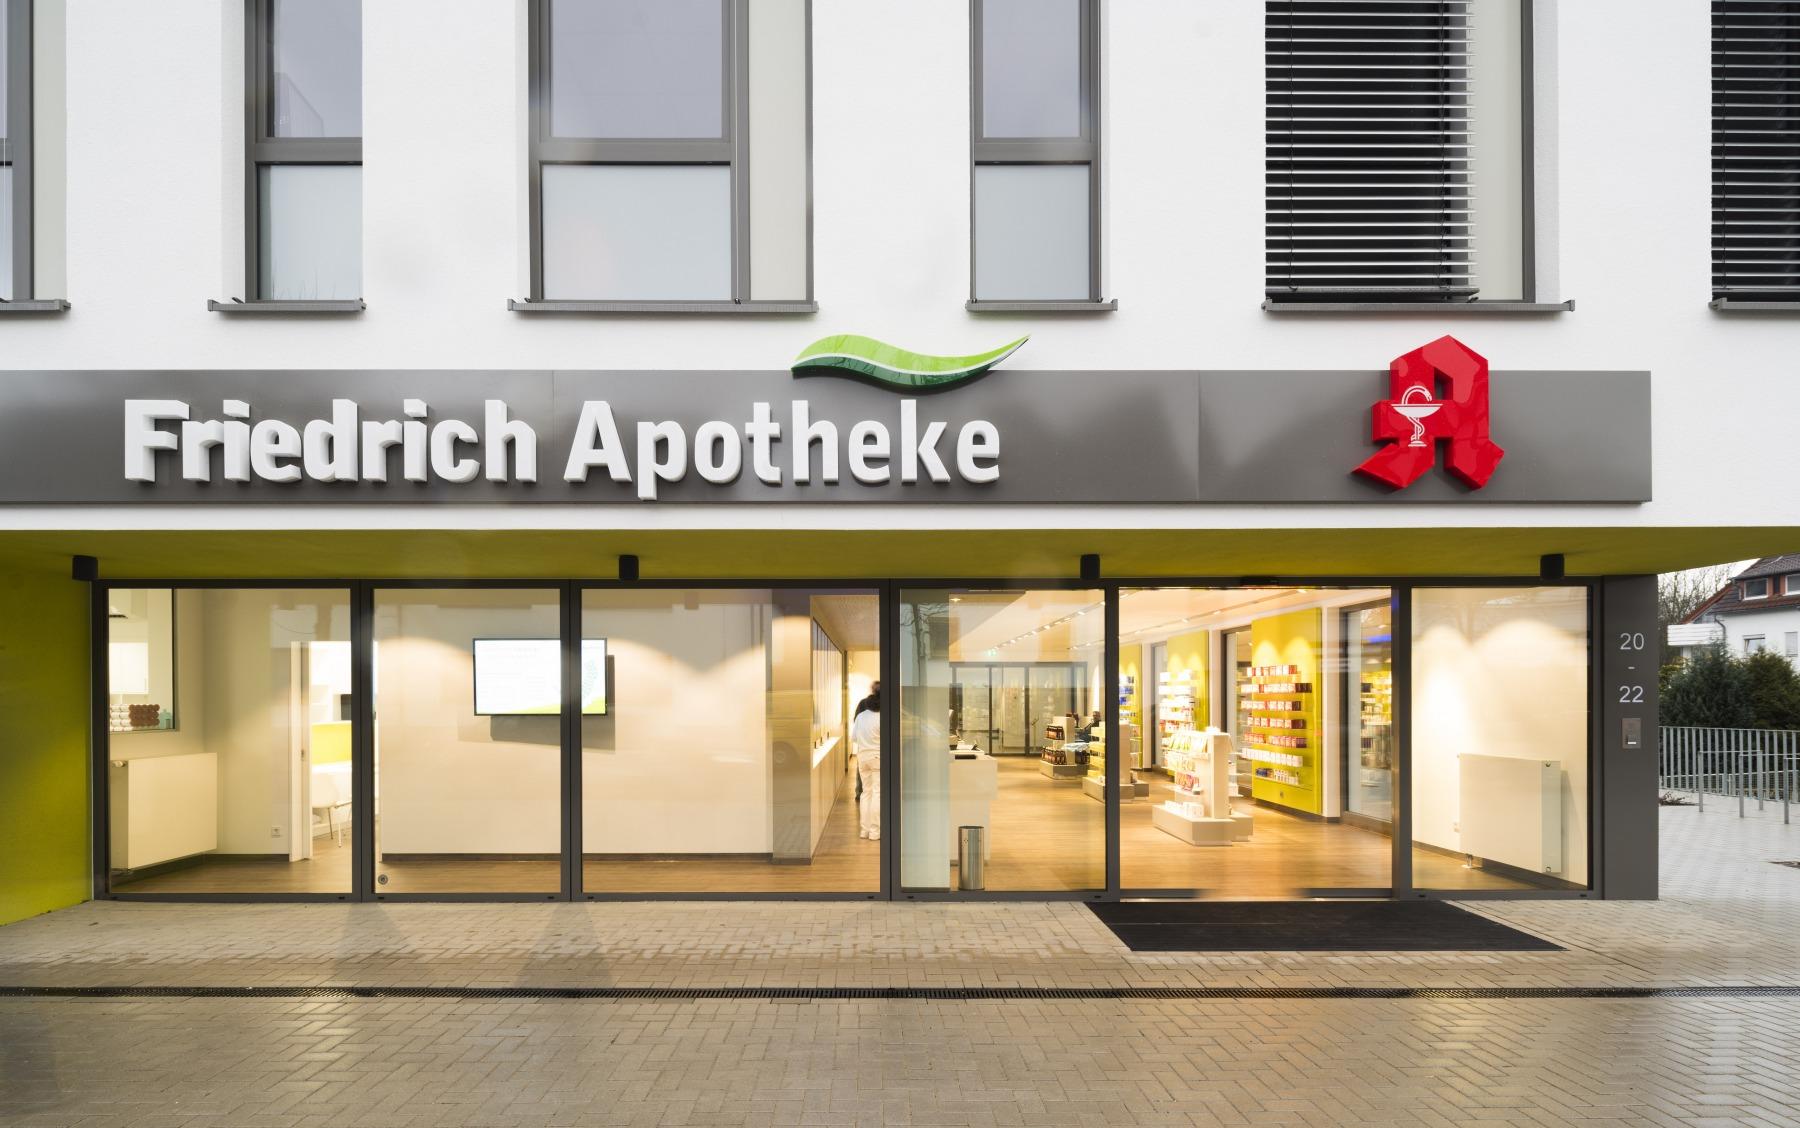 Friedrich Apotheke, Sprockhövel